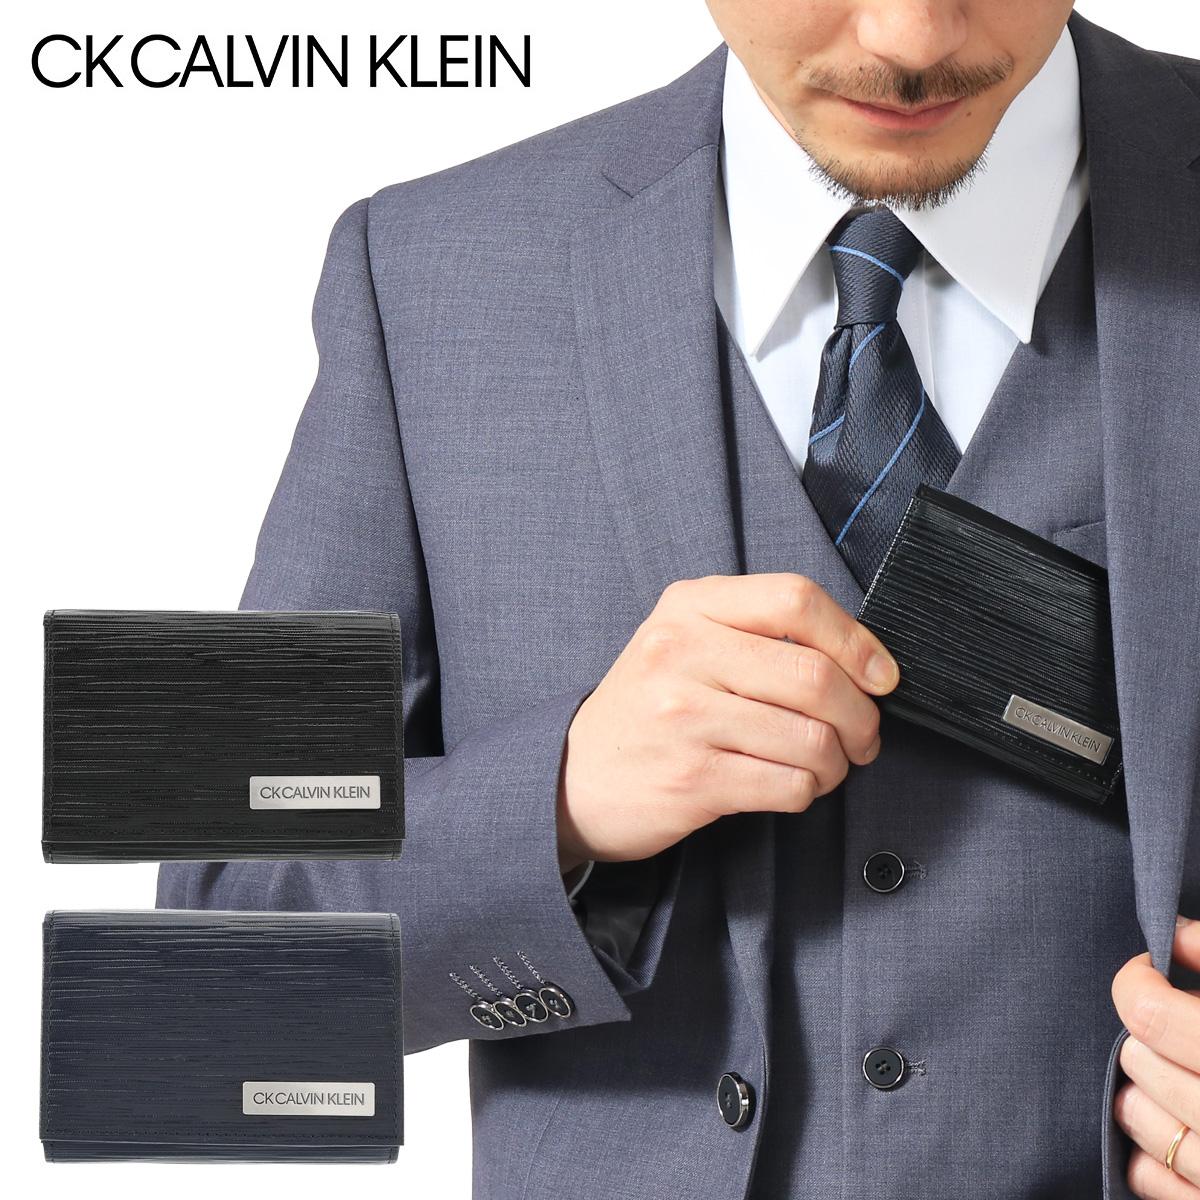 シーケー カルバンクライン 三つ折り財布 タットII メンズ 345155 CK CALVIN KLEIN | 当社限定 WEB限定 別注モデル コンパクト 本革 レザー ブランド専用BOX付き[PO5][即日発送][bef]